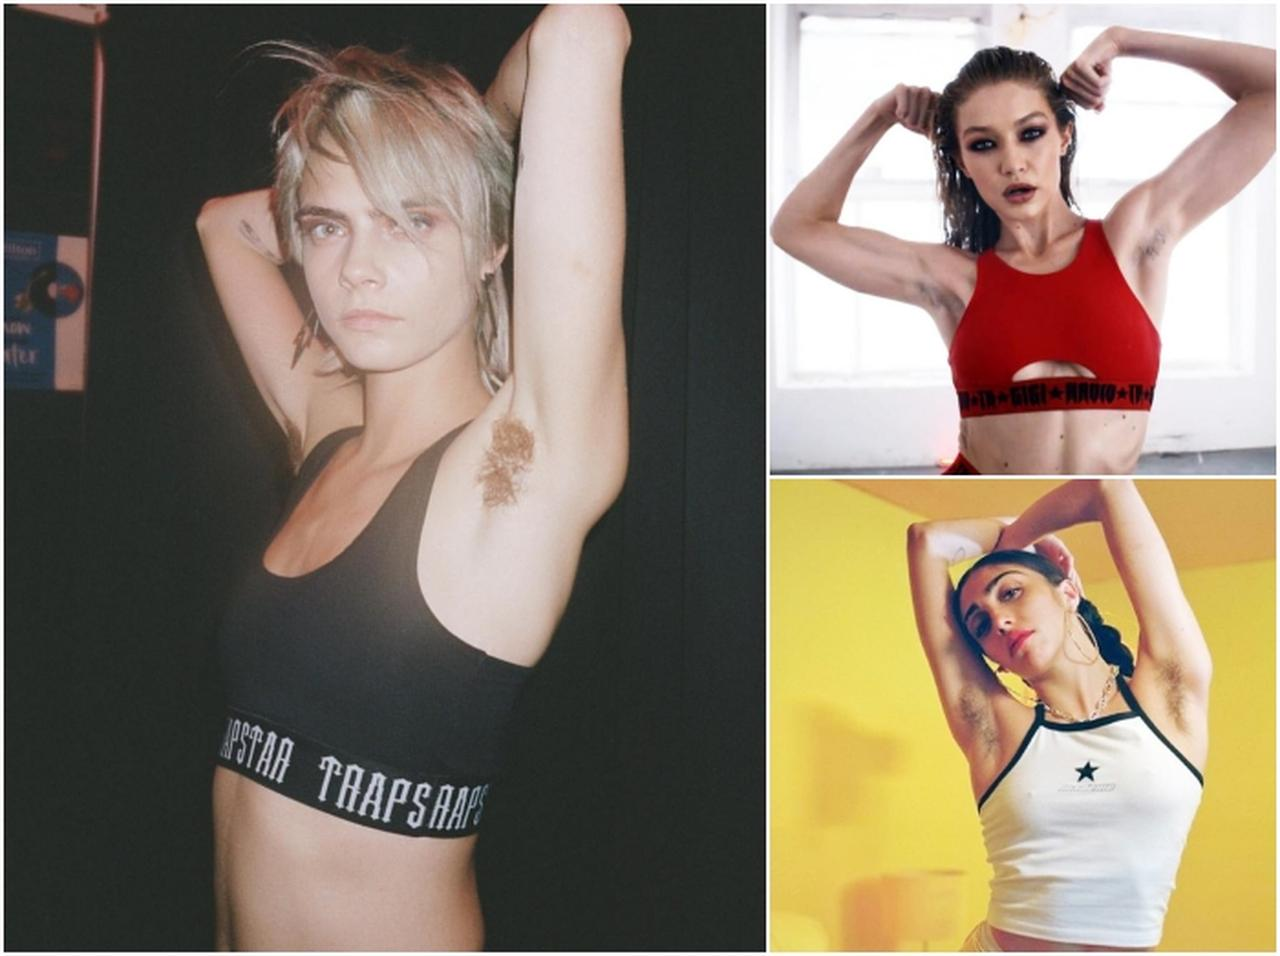 画像: 左:カーラ・デルヴィーニュ、右上:ジジ・ハディッド、右下:ローデス・レオン。(Photo: Cara Delevingne/ Instagram, Love Magazine/ Youtube, Madame NYC/ Instagram)